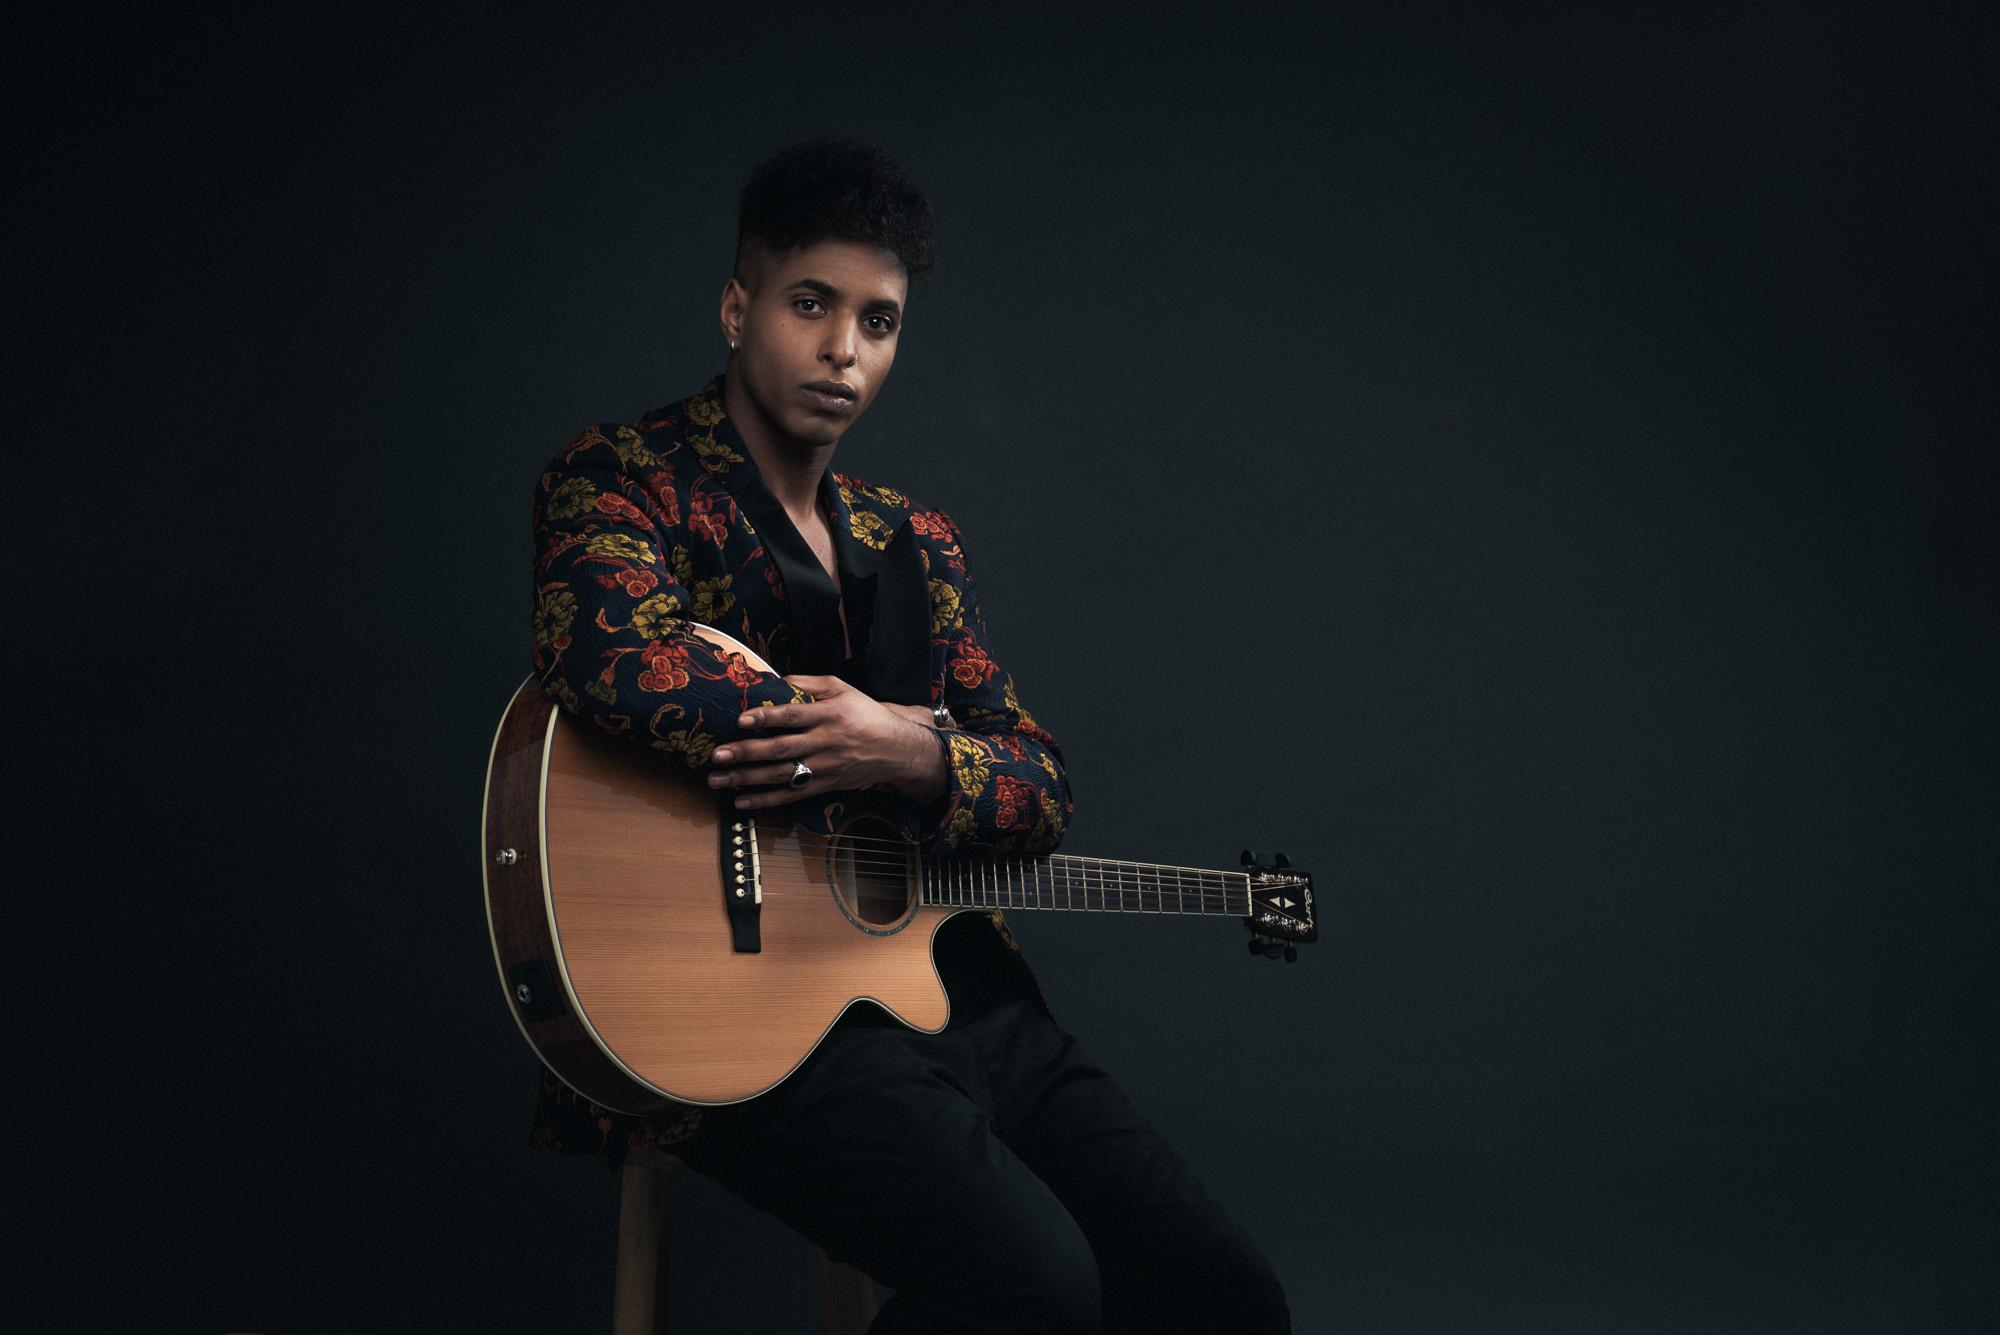 Feysal con chitarra